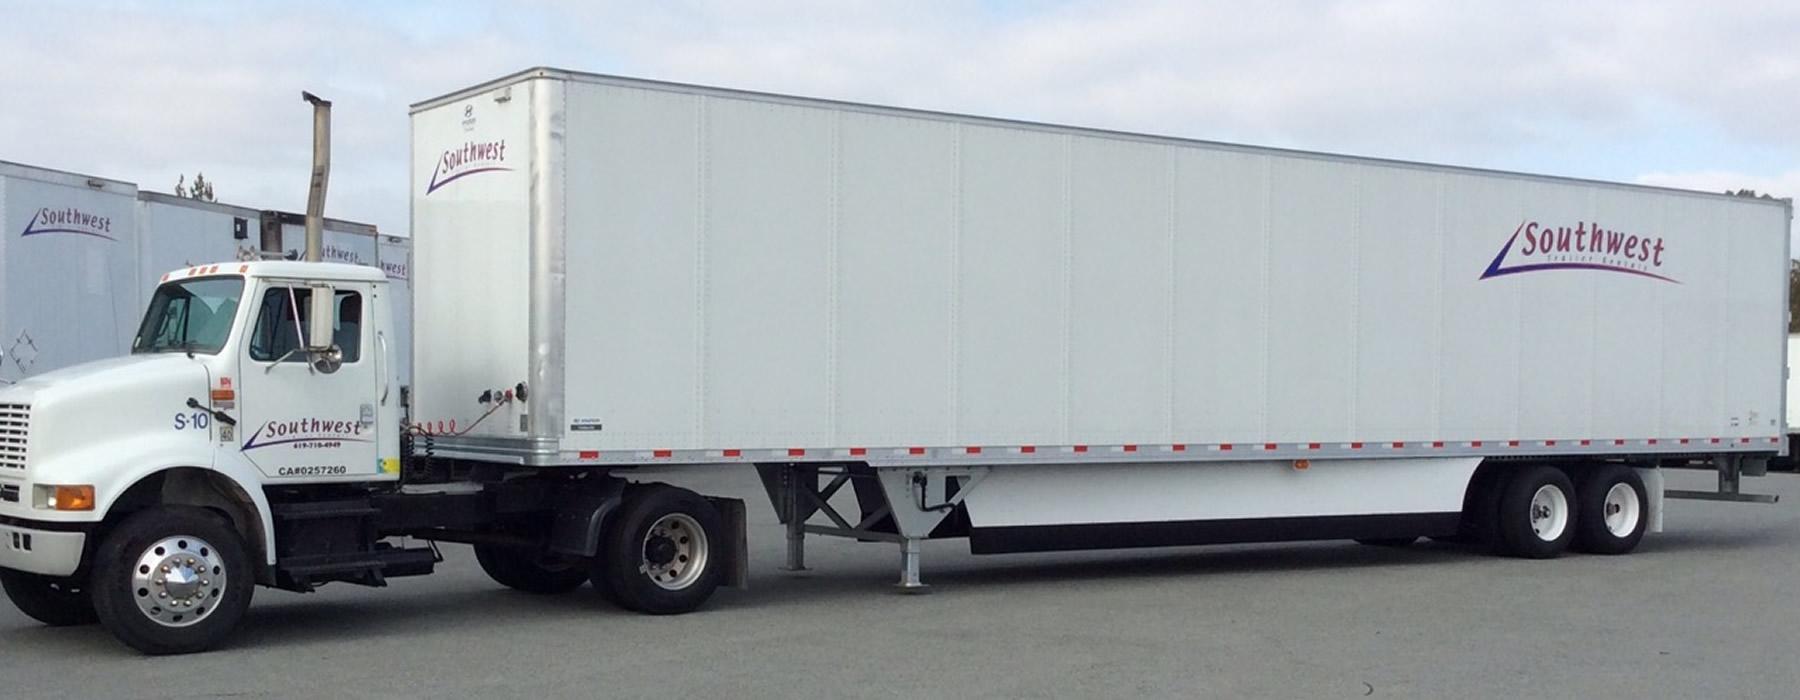 southwest trailer full rig